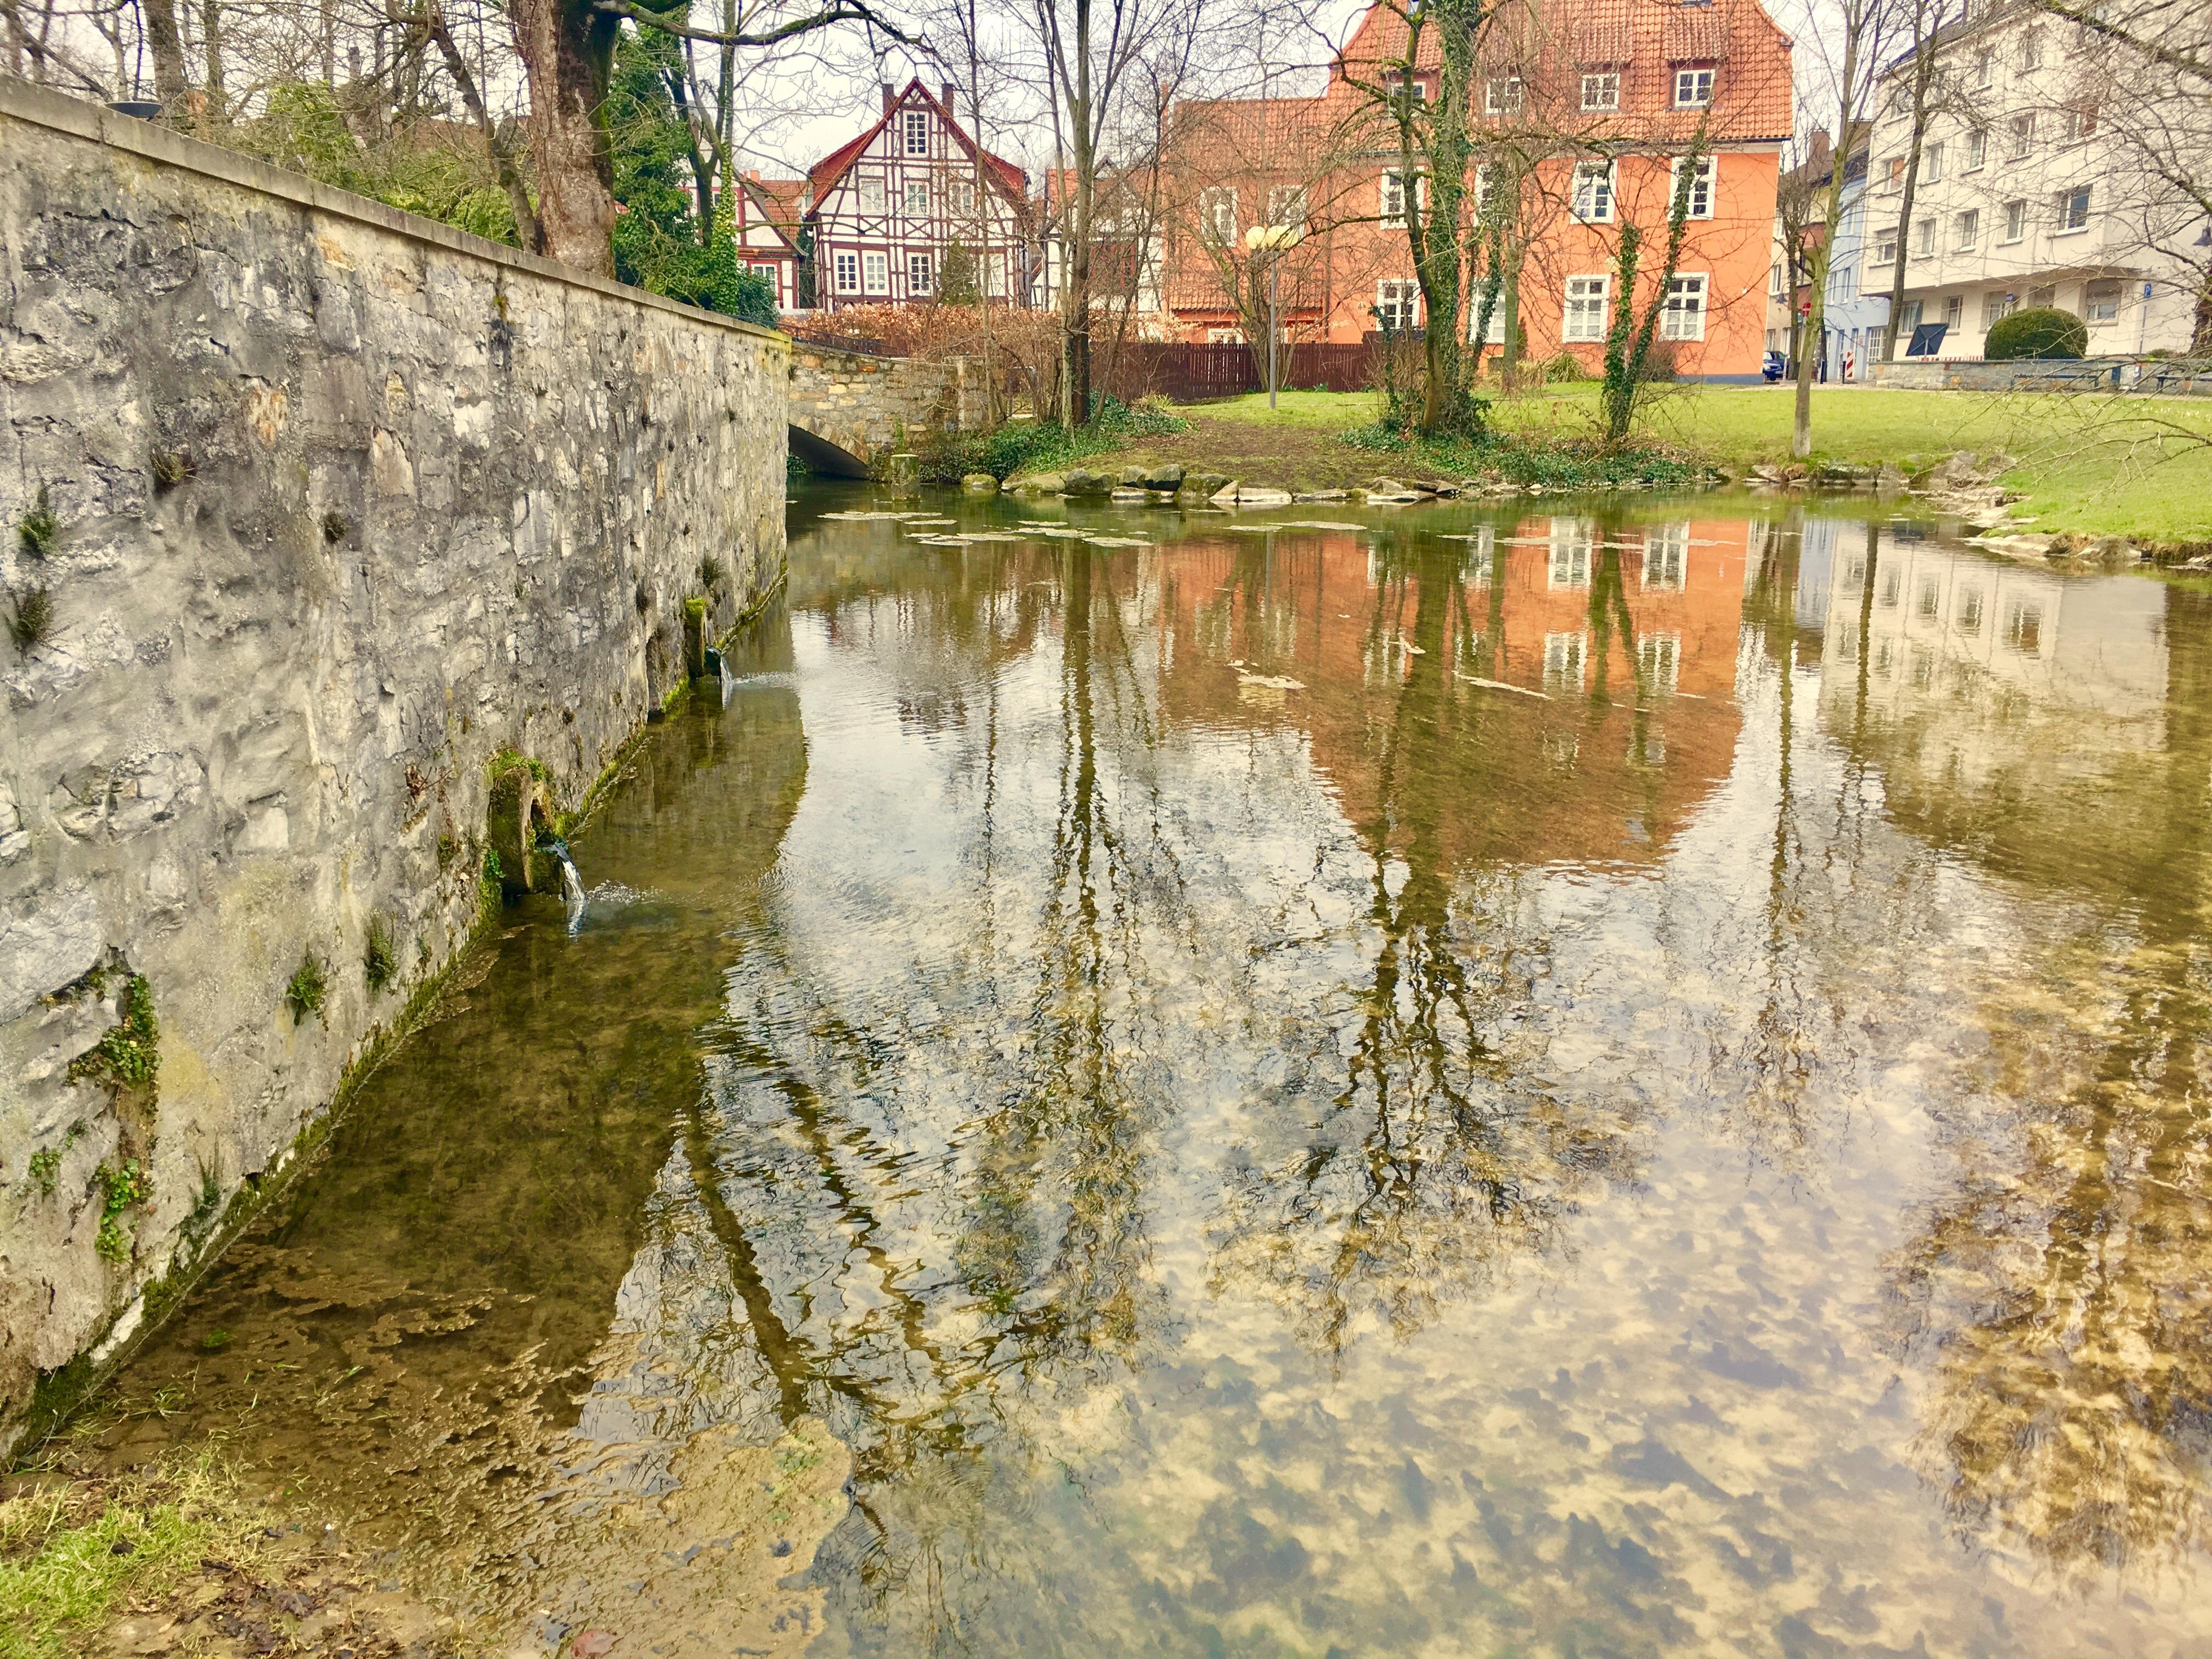 Wasserschloss Rheda-Wiedenbrück